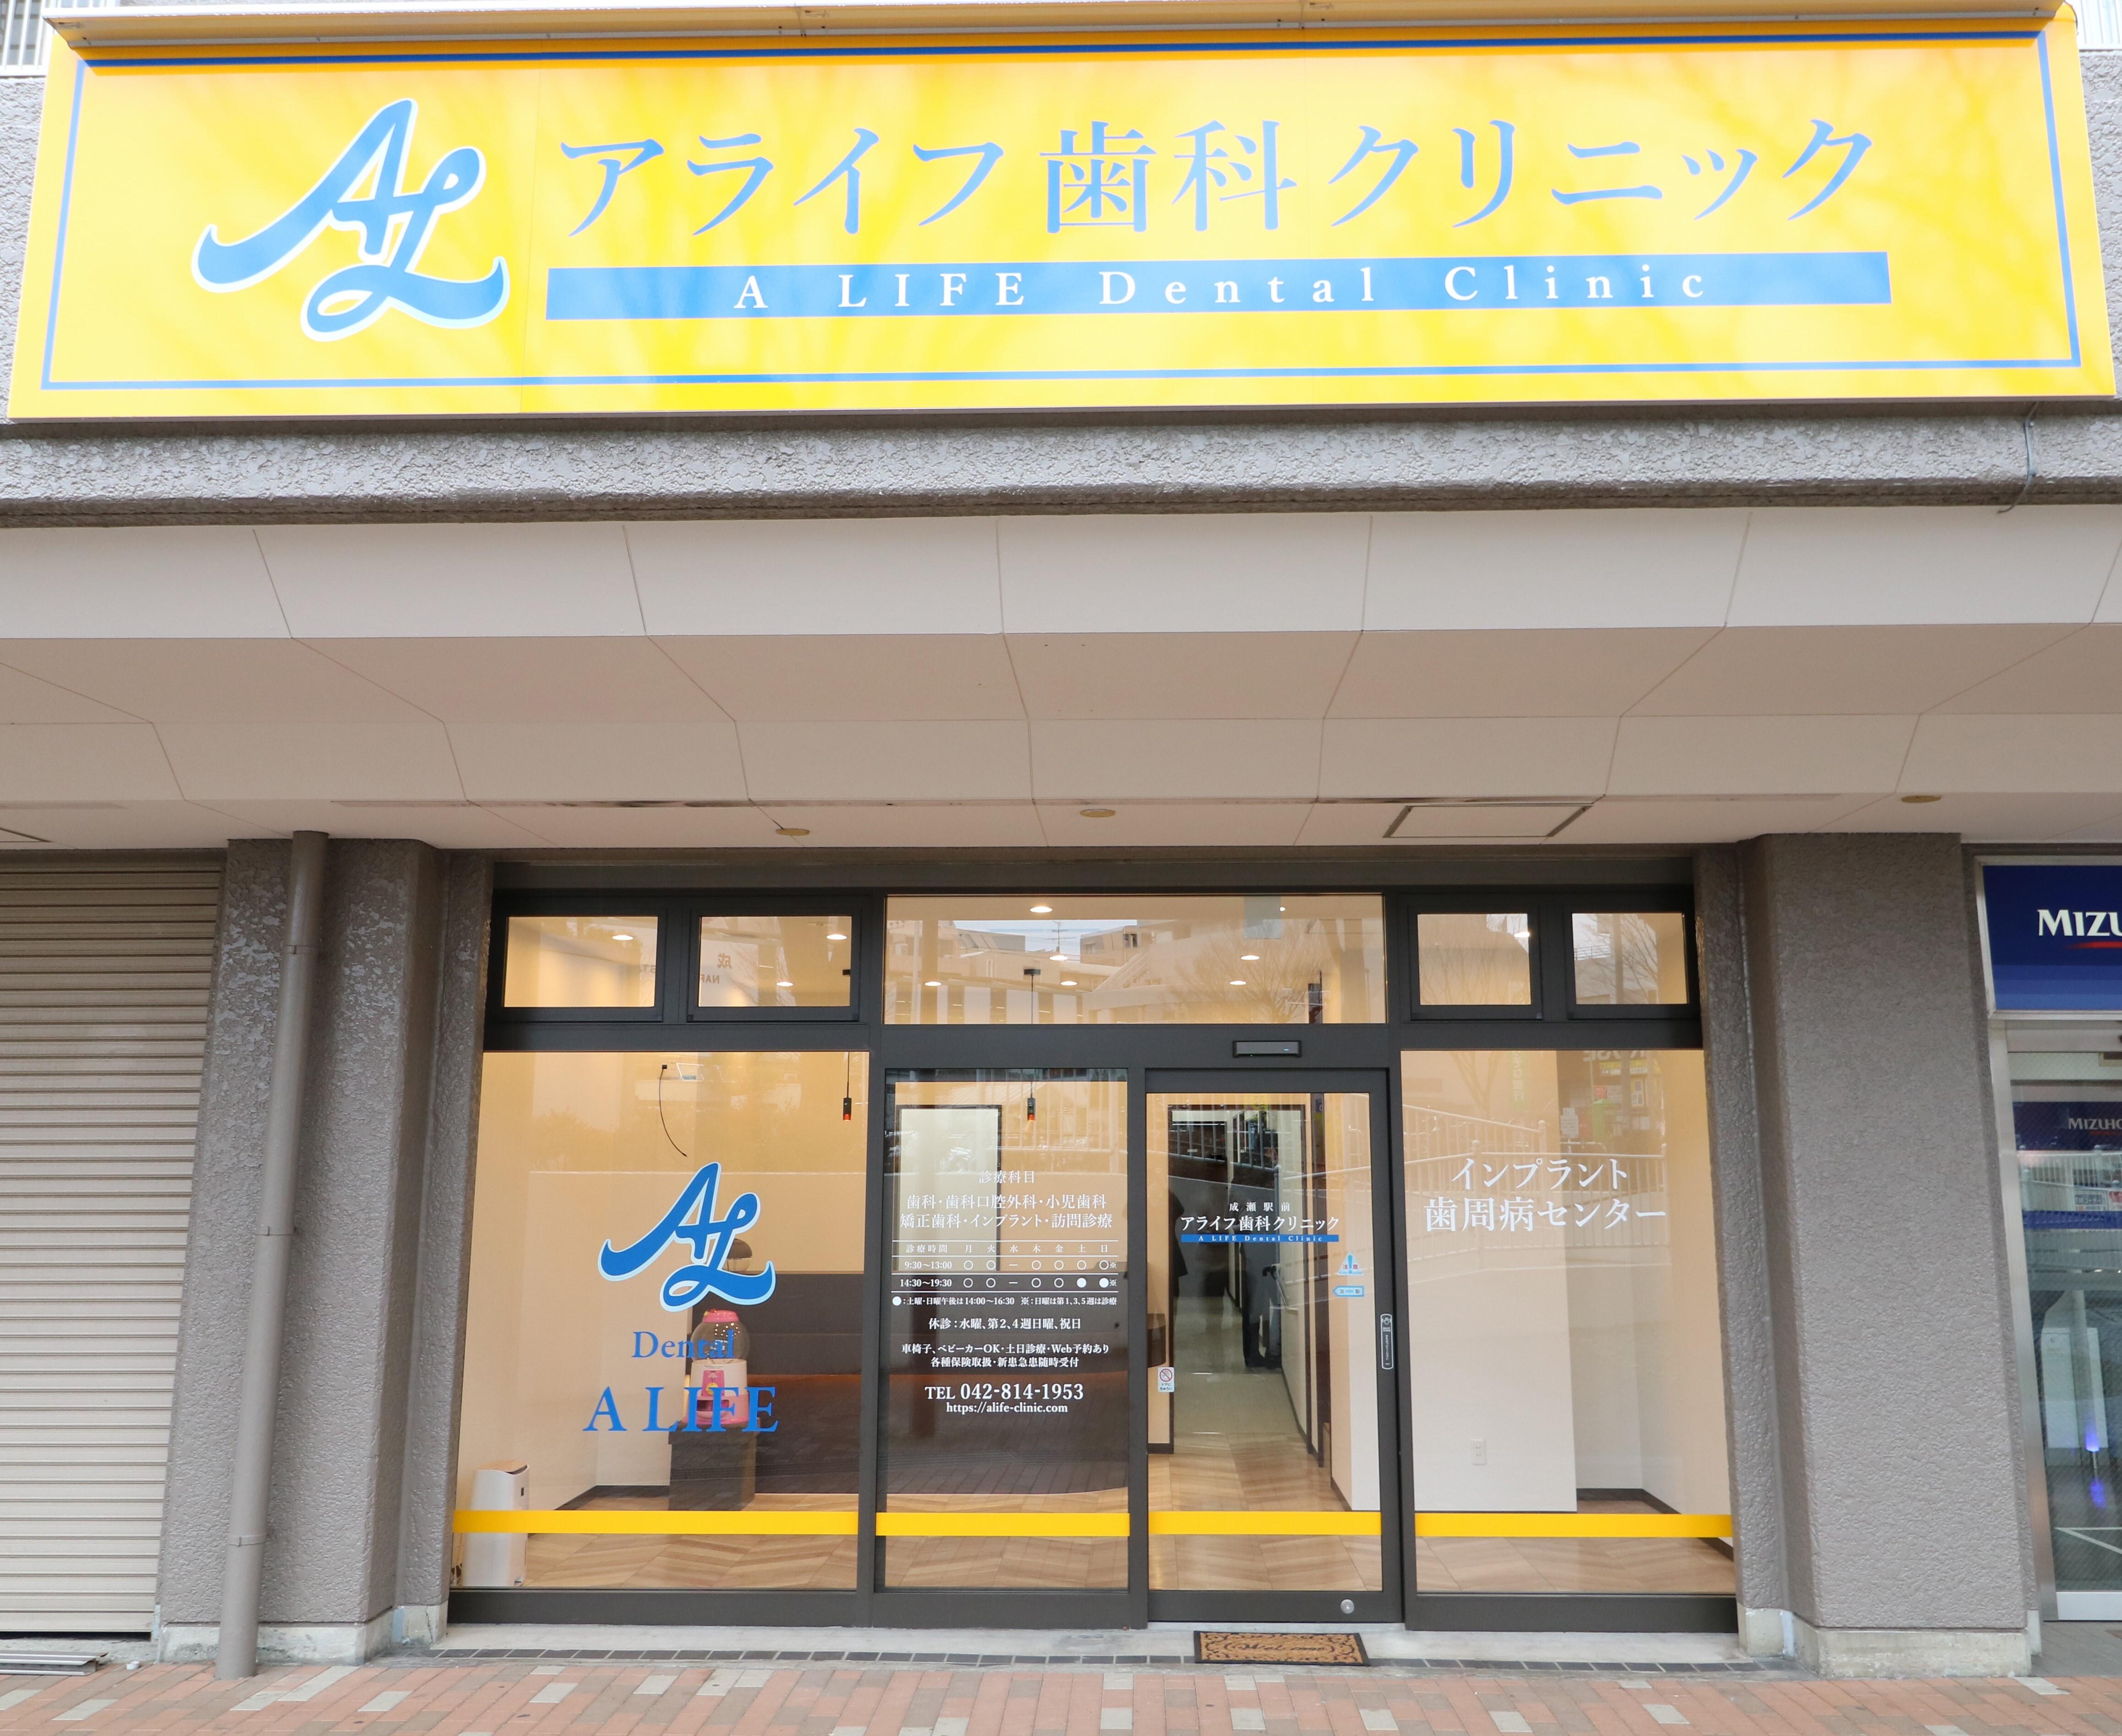 町田 市 成瀬 郵便 番号